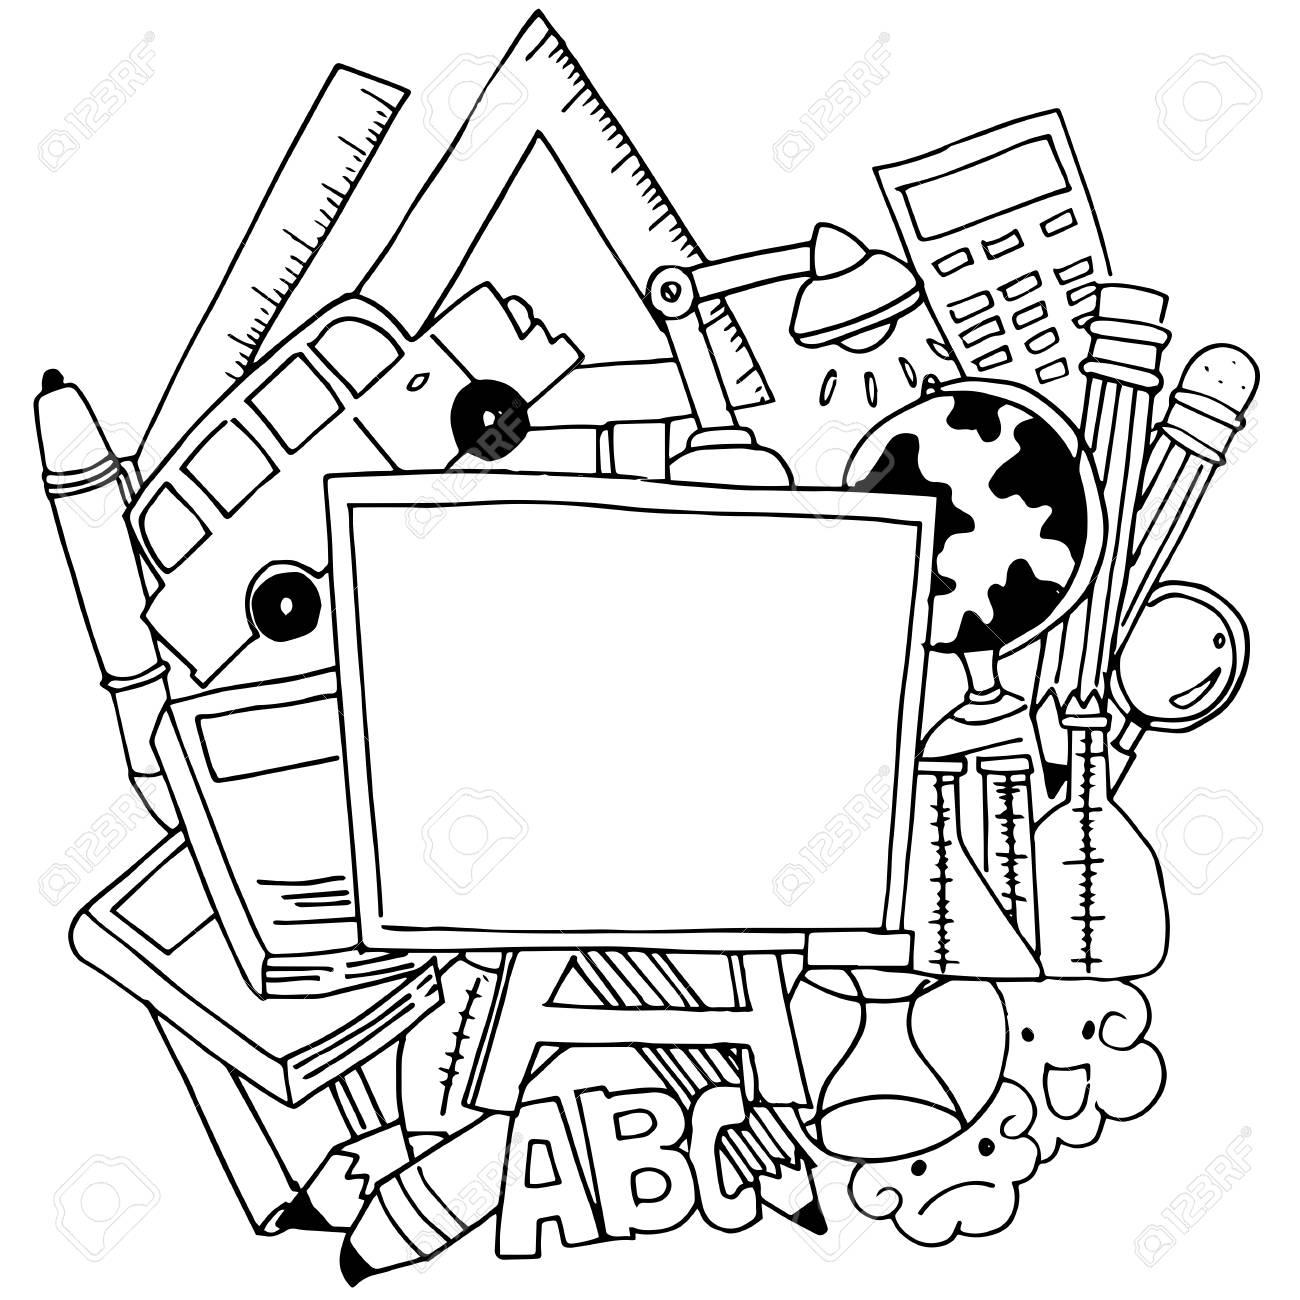 School tools doodle art vector with hand draw stock vector 60137647